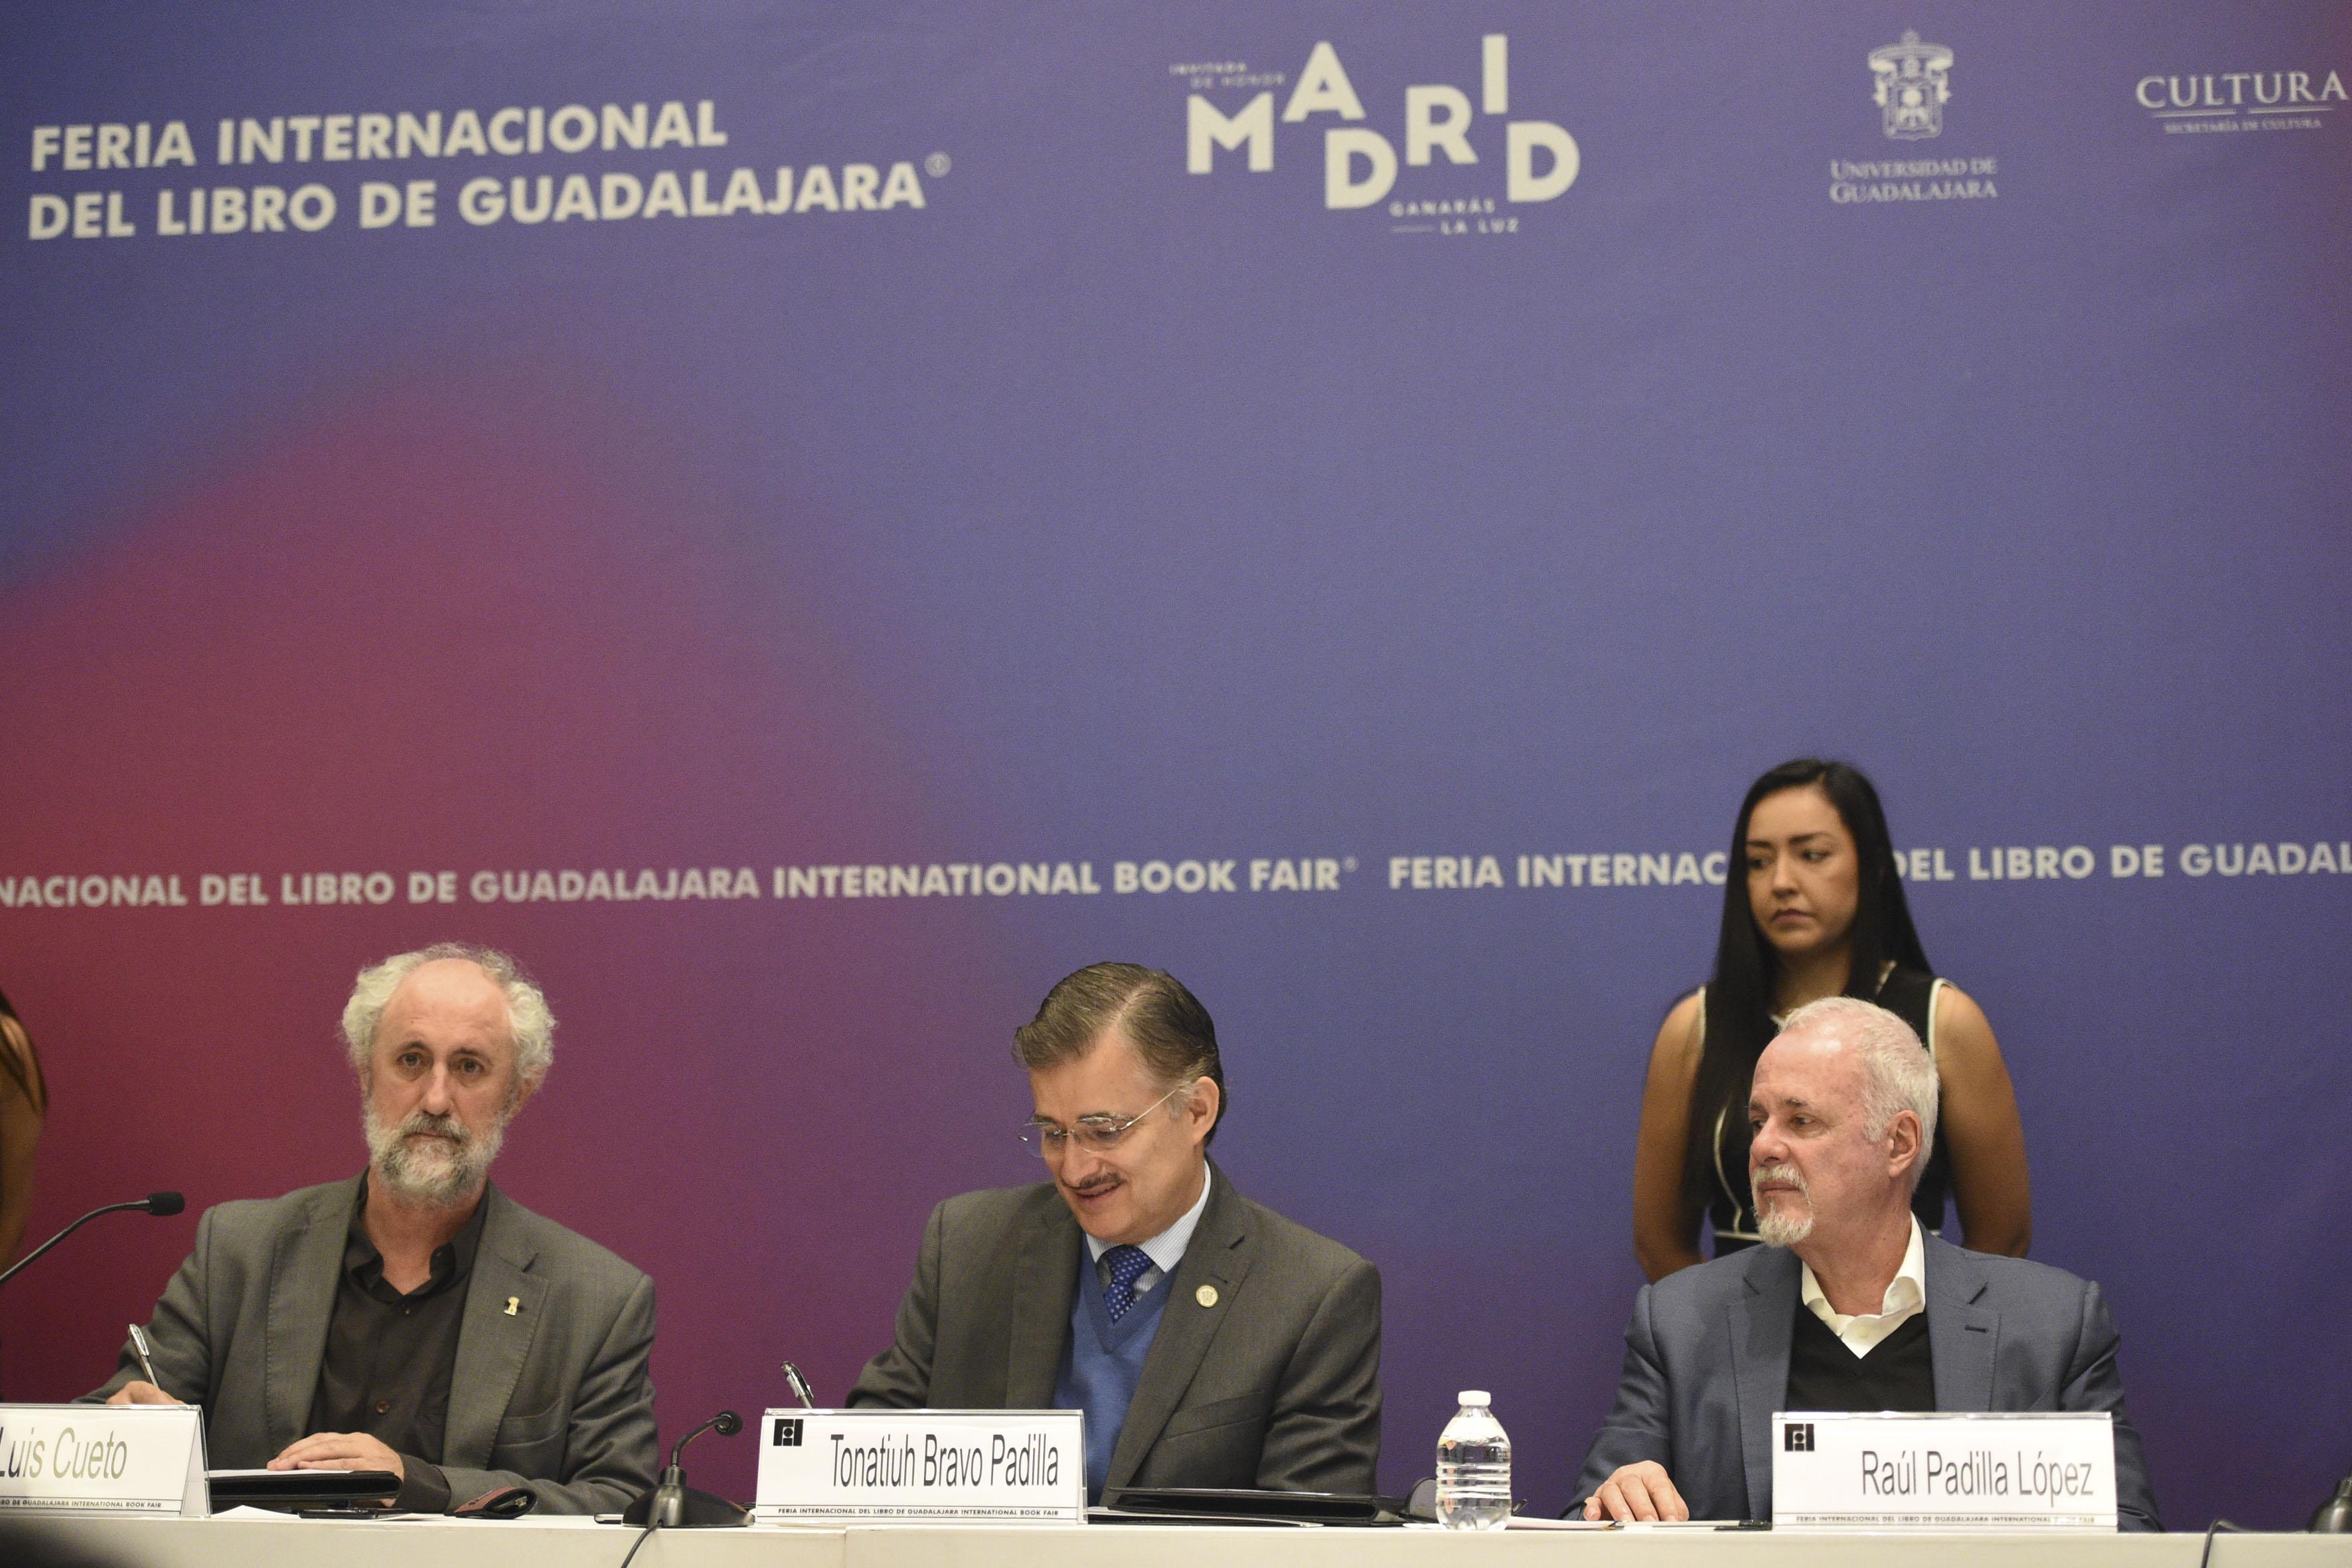 Coordinador General de la Alcaldía de Madrid, Luis Cueto Álvarez,  Rector General de la UdeG, maestro Itzcóatl Tonatiuh Bravo Padilla y el Presidente de la feria, licenciado Raúl Padilla López, participando en rueda de prensa